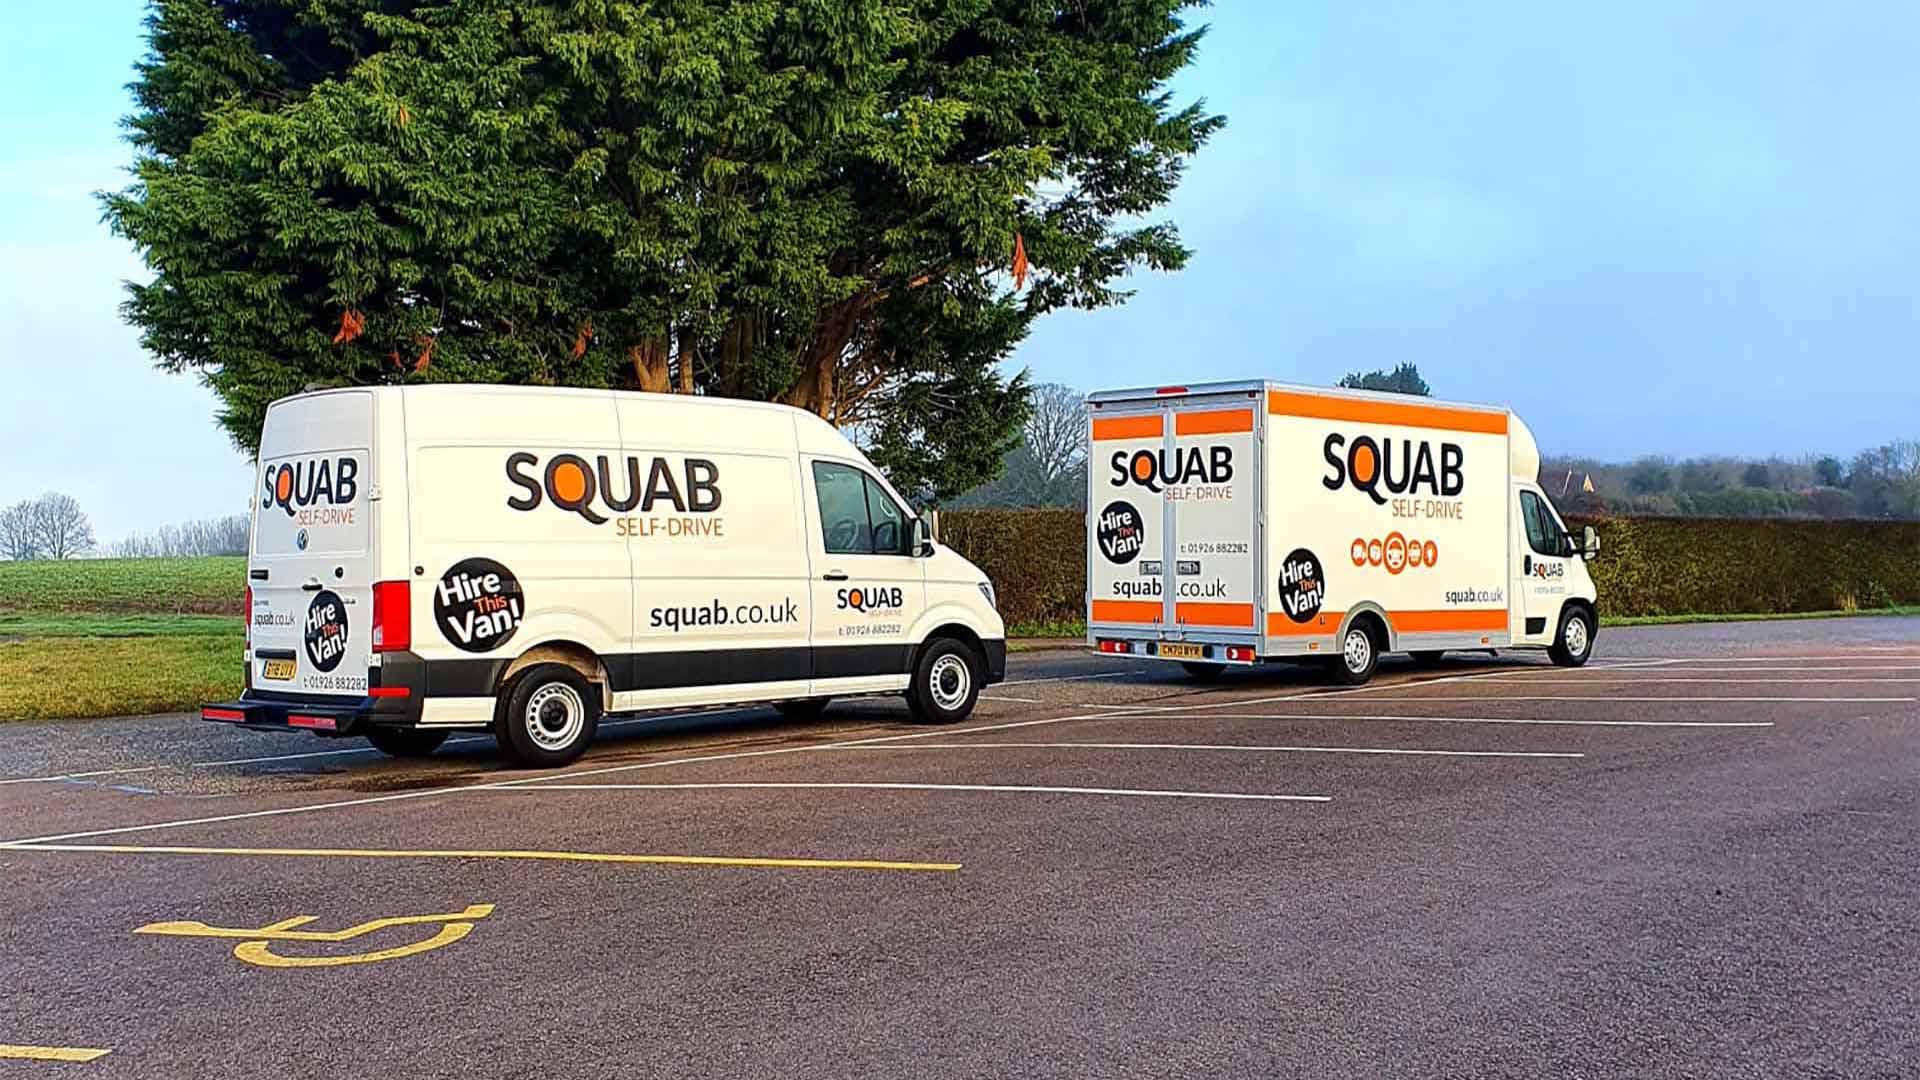 Squab - Removals - Hiring a Van vs Hiring a Removals Service